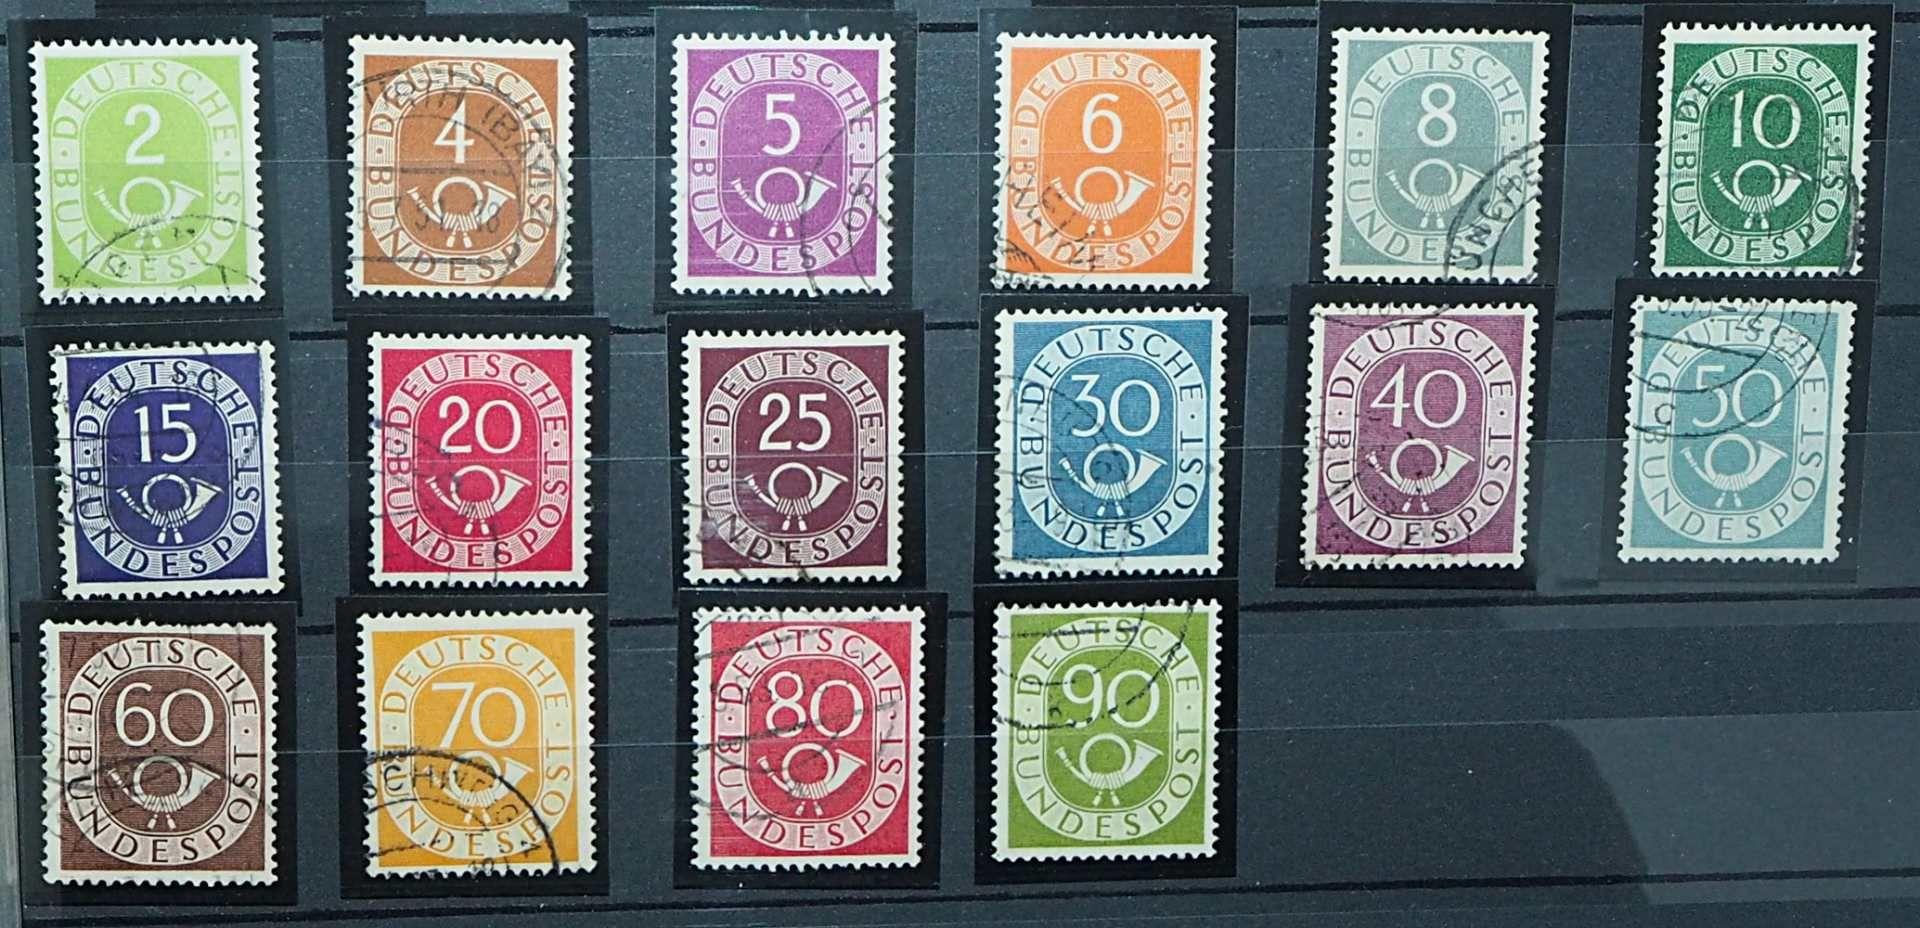 1 Sammlung Briefmarken, Ersttagsbriefe, Briefe, Fehldrucke u.a., gestempelt/ungestempelt, <b - Bild 7 aus 7